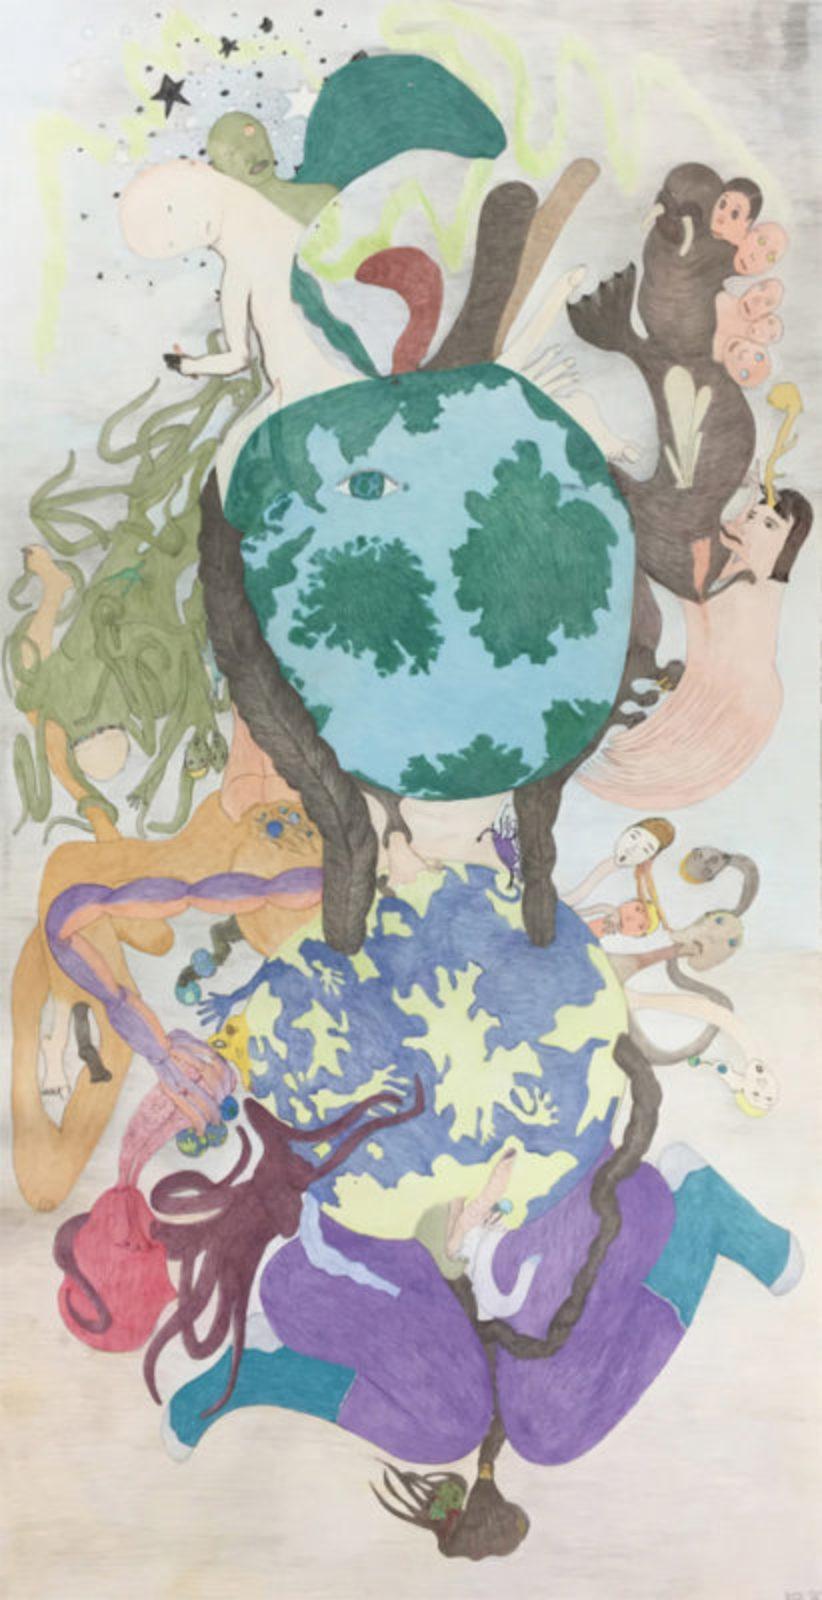 Shuvinai Ashoona - untitled (mother earth)